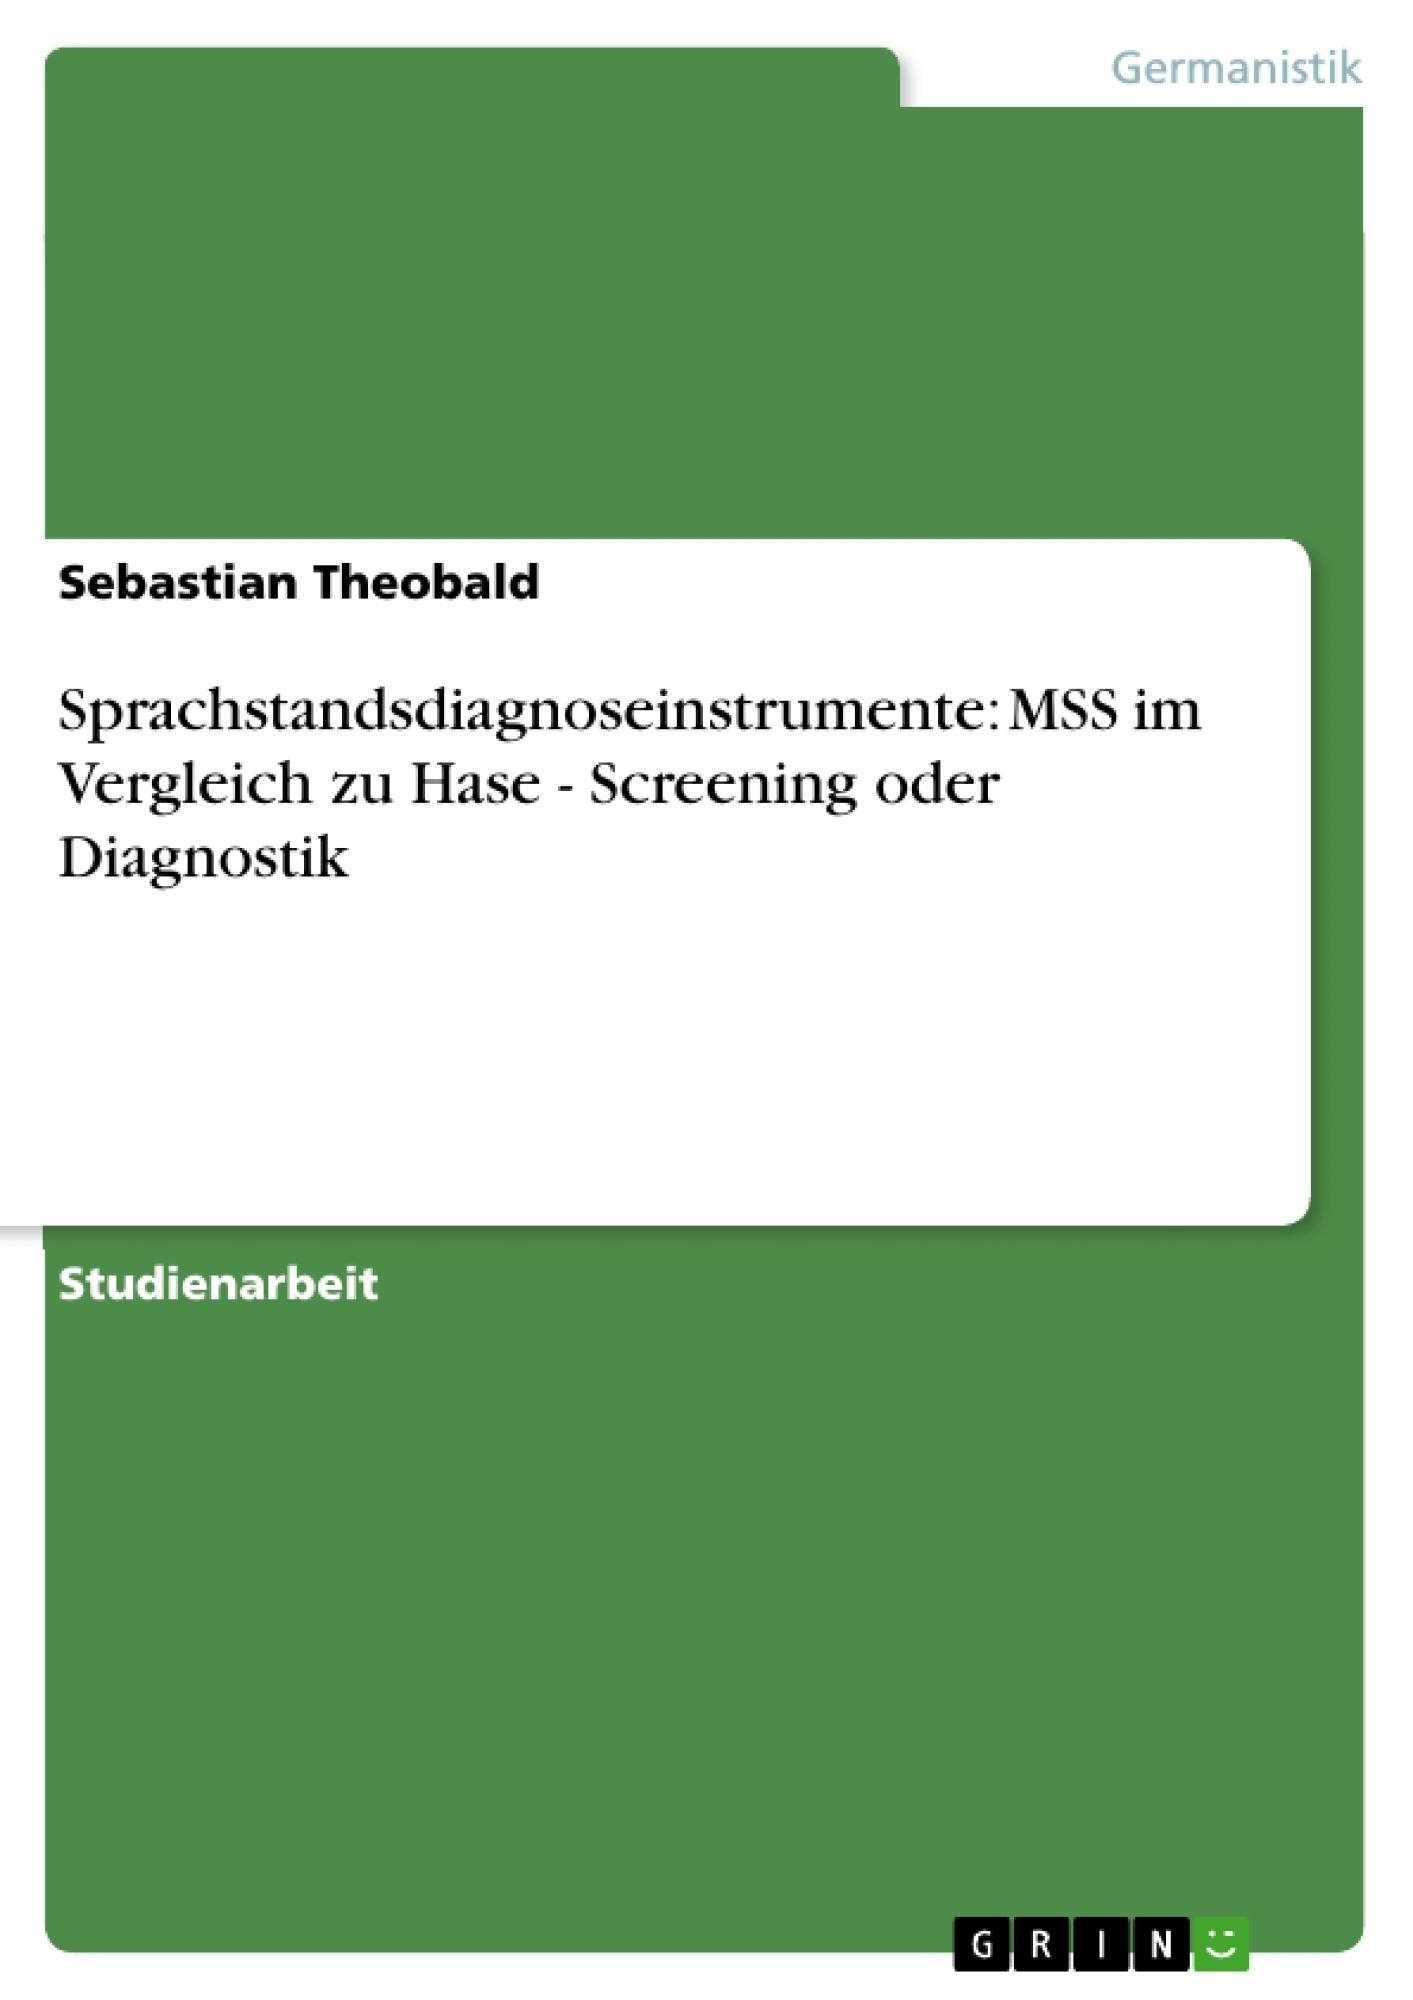 Titel: Sprachstandsdiagnoseinstrumente: MSS im Vergleich zu Hase - Screening oder Diagnostik